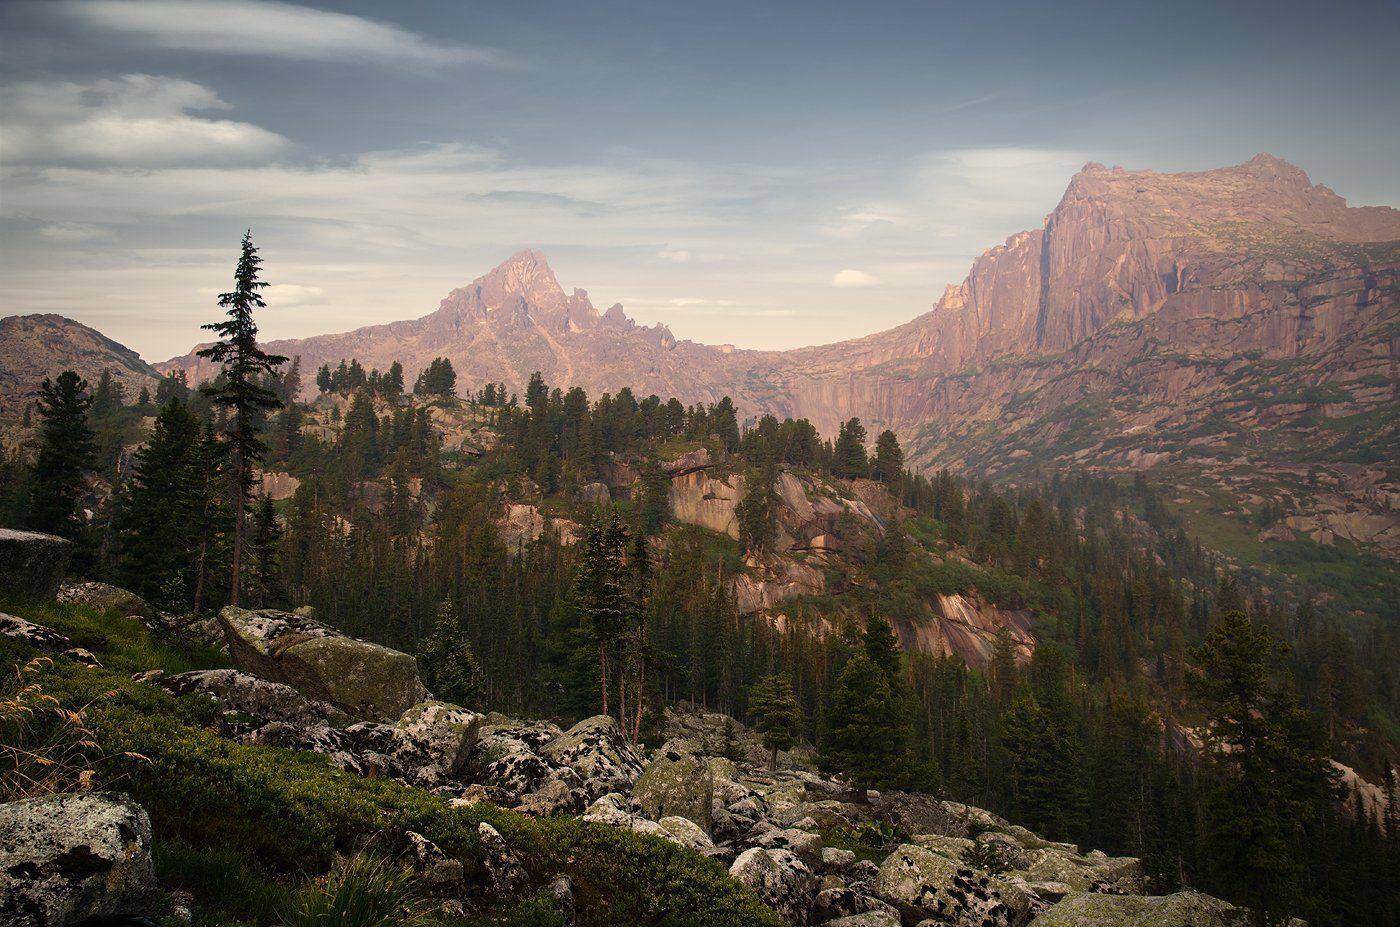 большой, вечер, вид, высокий, горы, деревья, ергаки, зеленый, камни, красивый, красноярский край, красный, озеро, оранжевый, пейзаж, природа, размер, разрешение, розовый, саяны, серый, сибирь, скалы, тайга, хвойный, Дмитрий Антипов